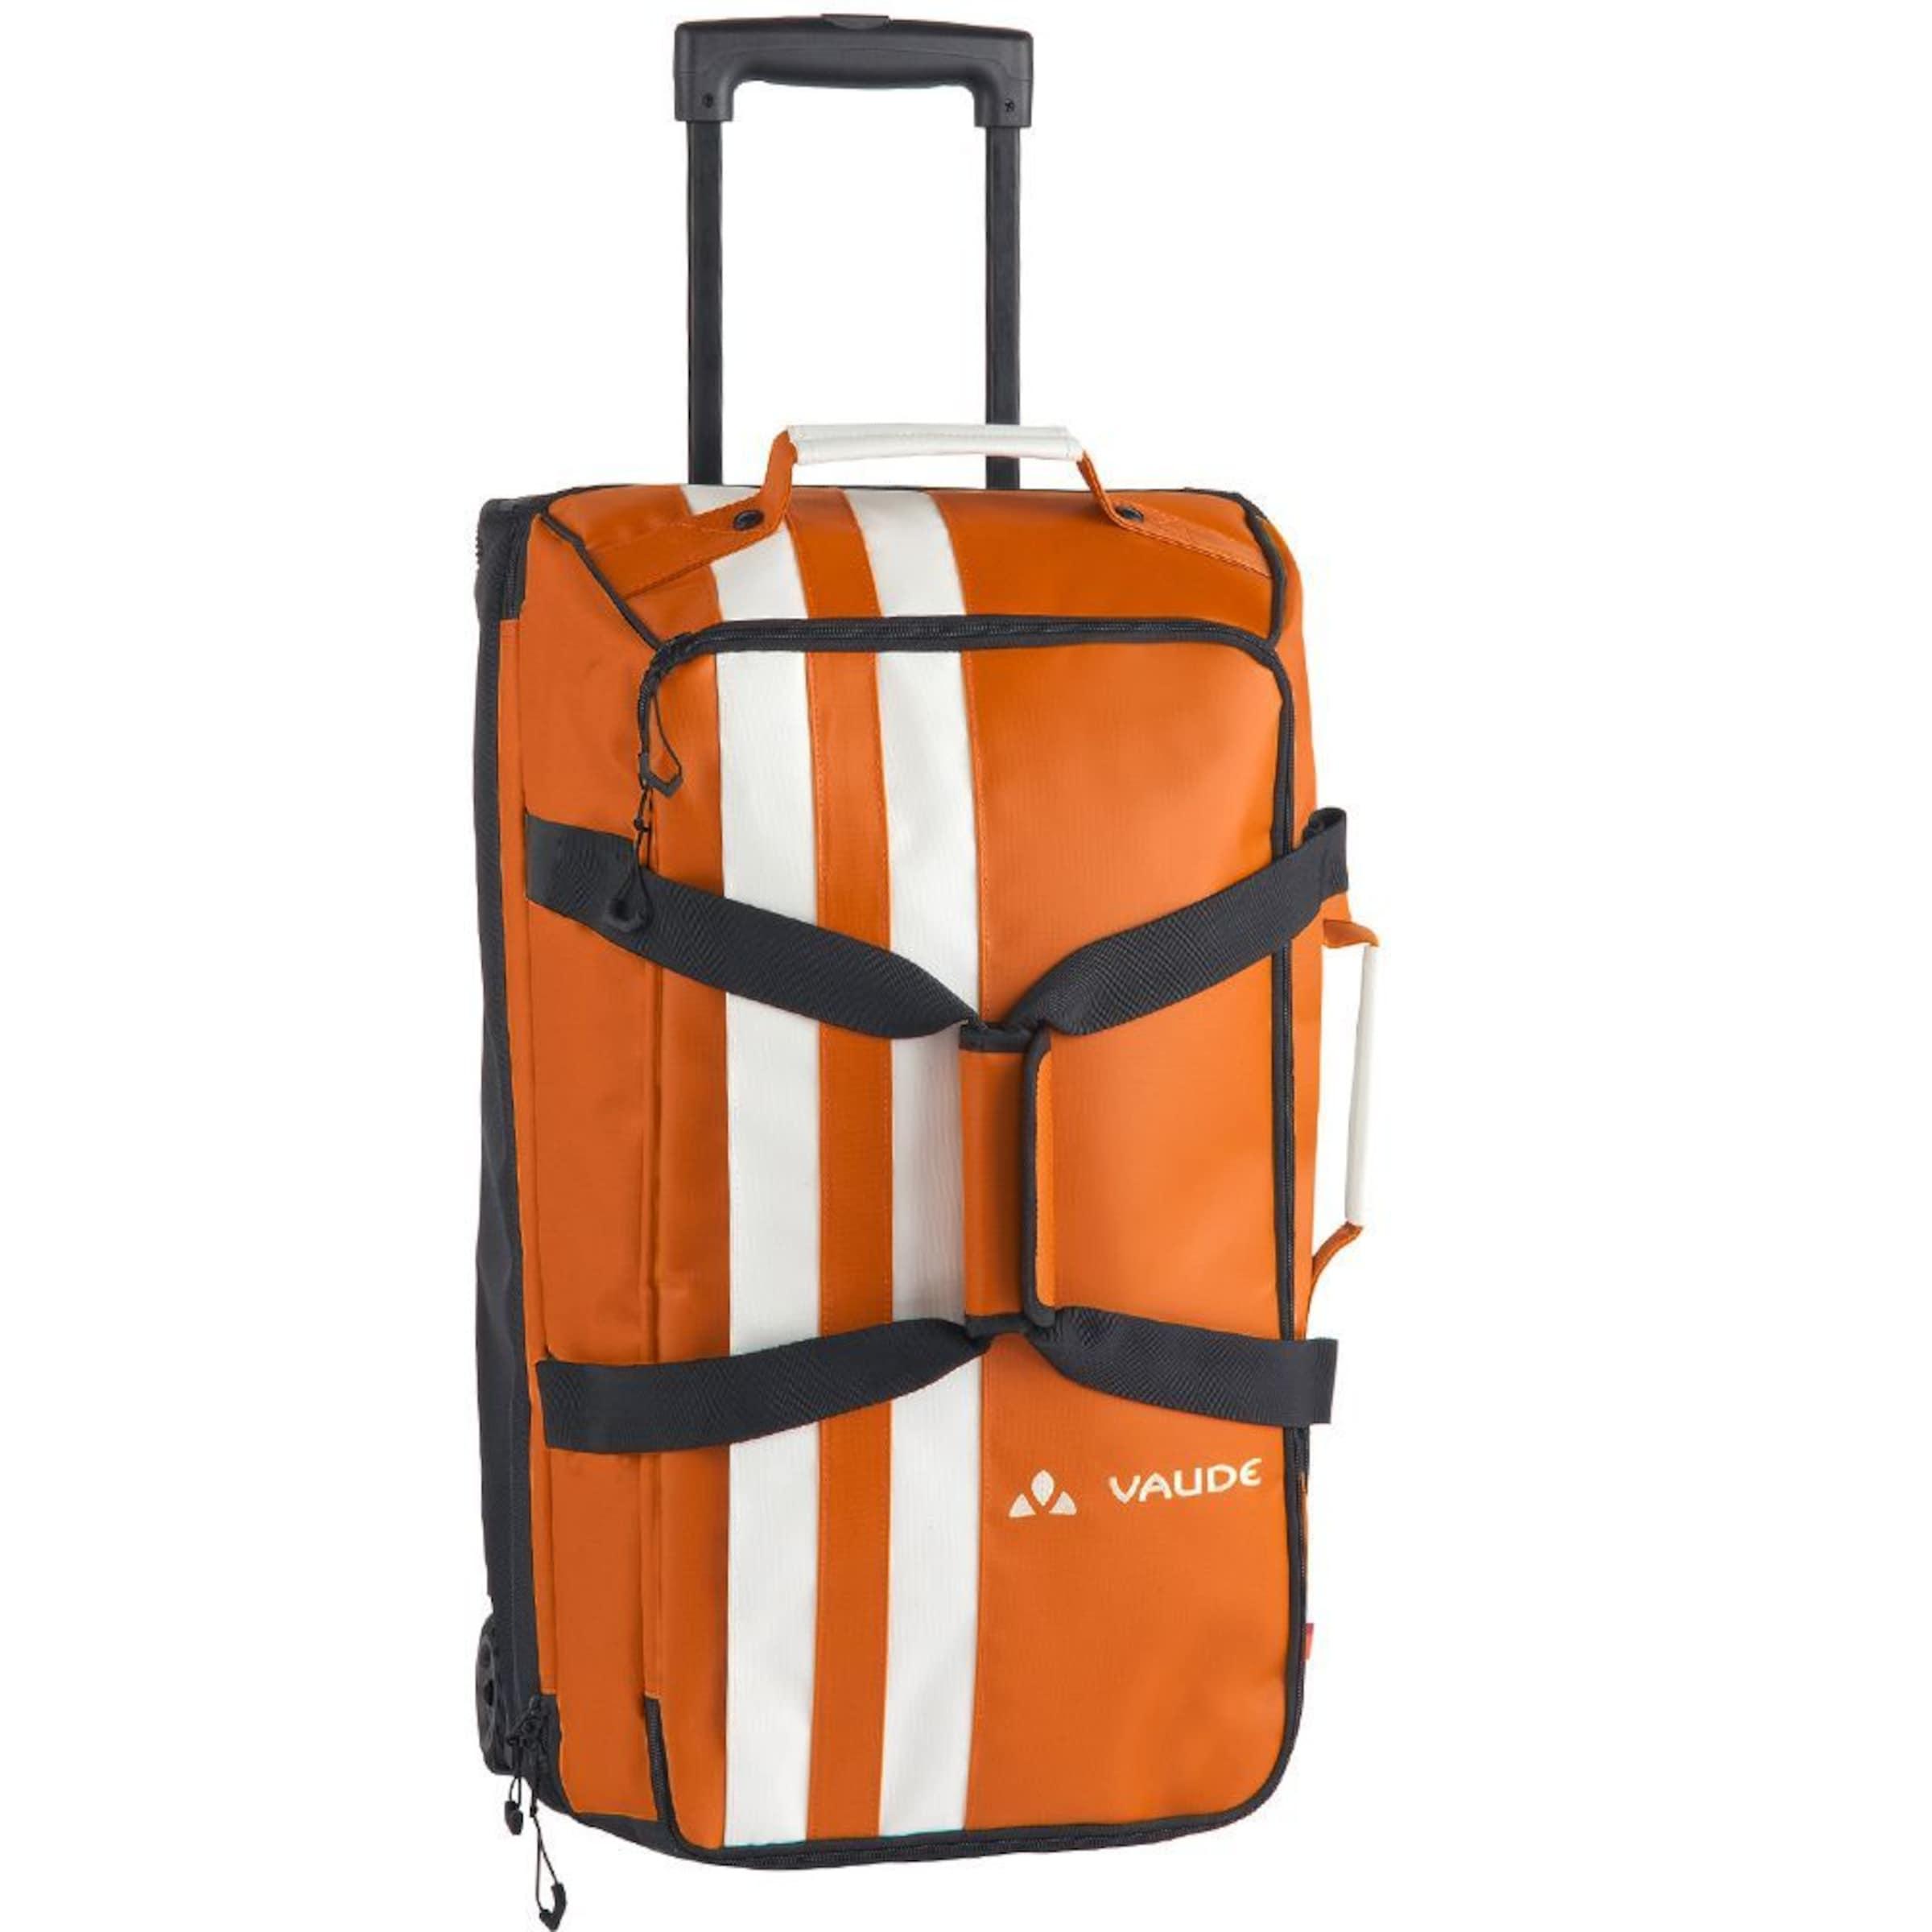 Online Zum Verkauf 100% Original Online VAUDE New Islands Tobago 65 2-Rollen Reisetasche 61 cm Wirklich Online 100% Zum Verkauf Garantiert Billig Verkauf 2018 U83cwQYig